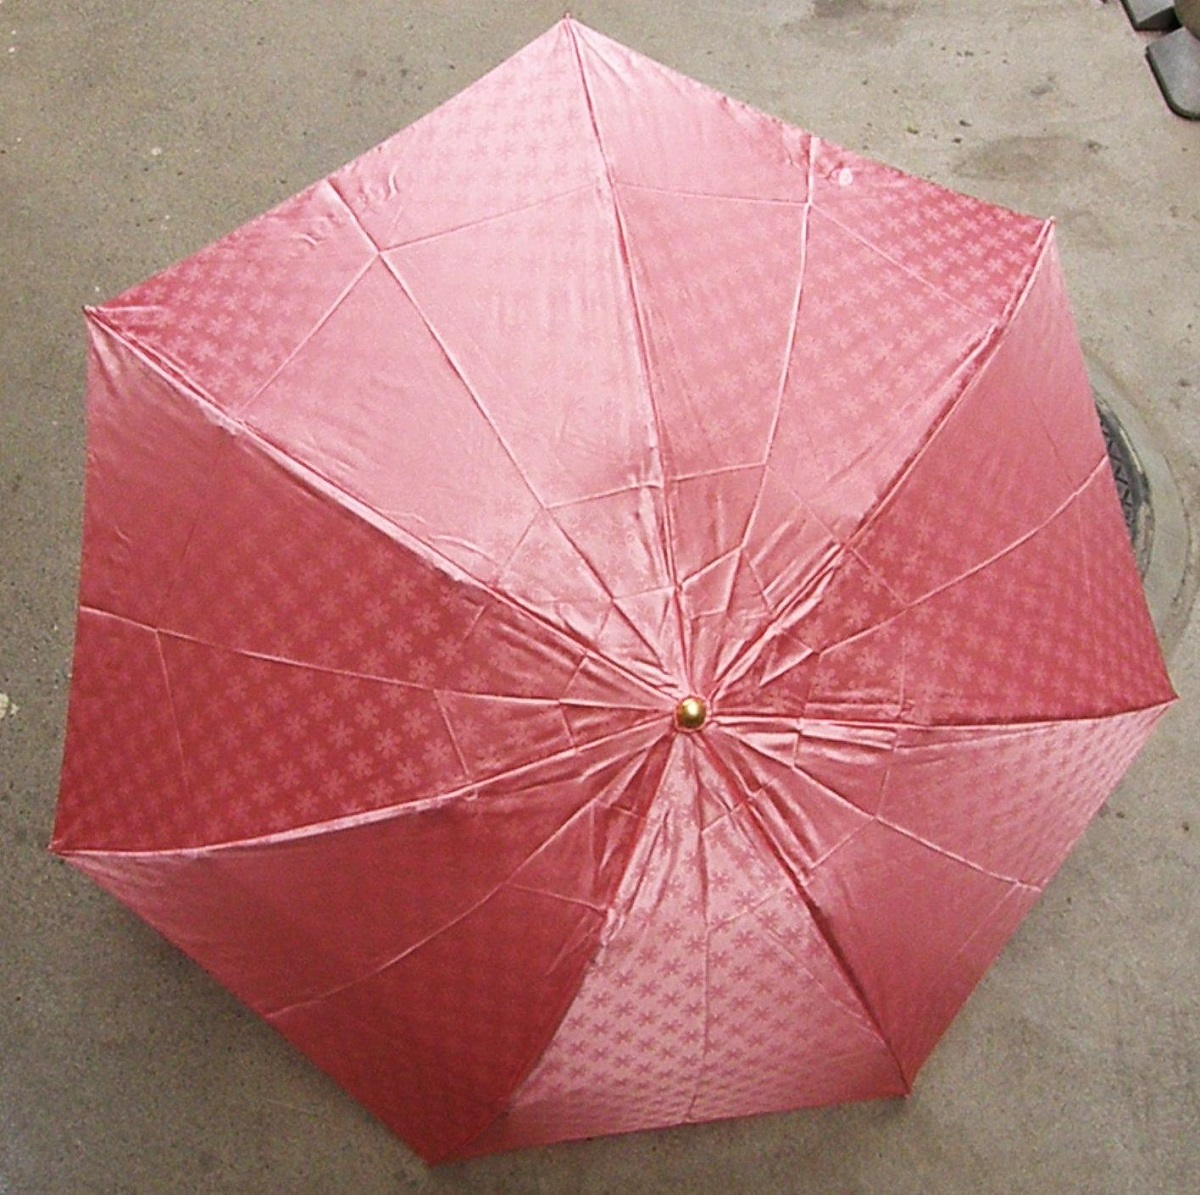 かさ/メンズ/レディース/おしゃれ 【ふるさと納税】BL04_雪華模様の折り畳み傘(サイズ55cm)カラー:ピンク